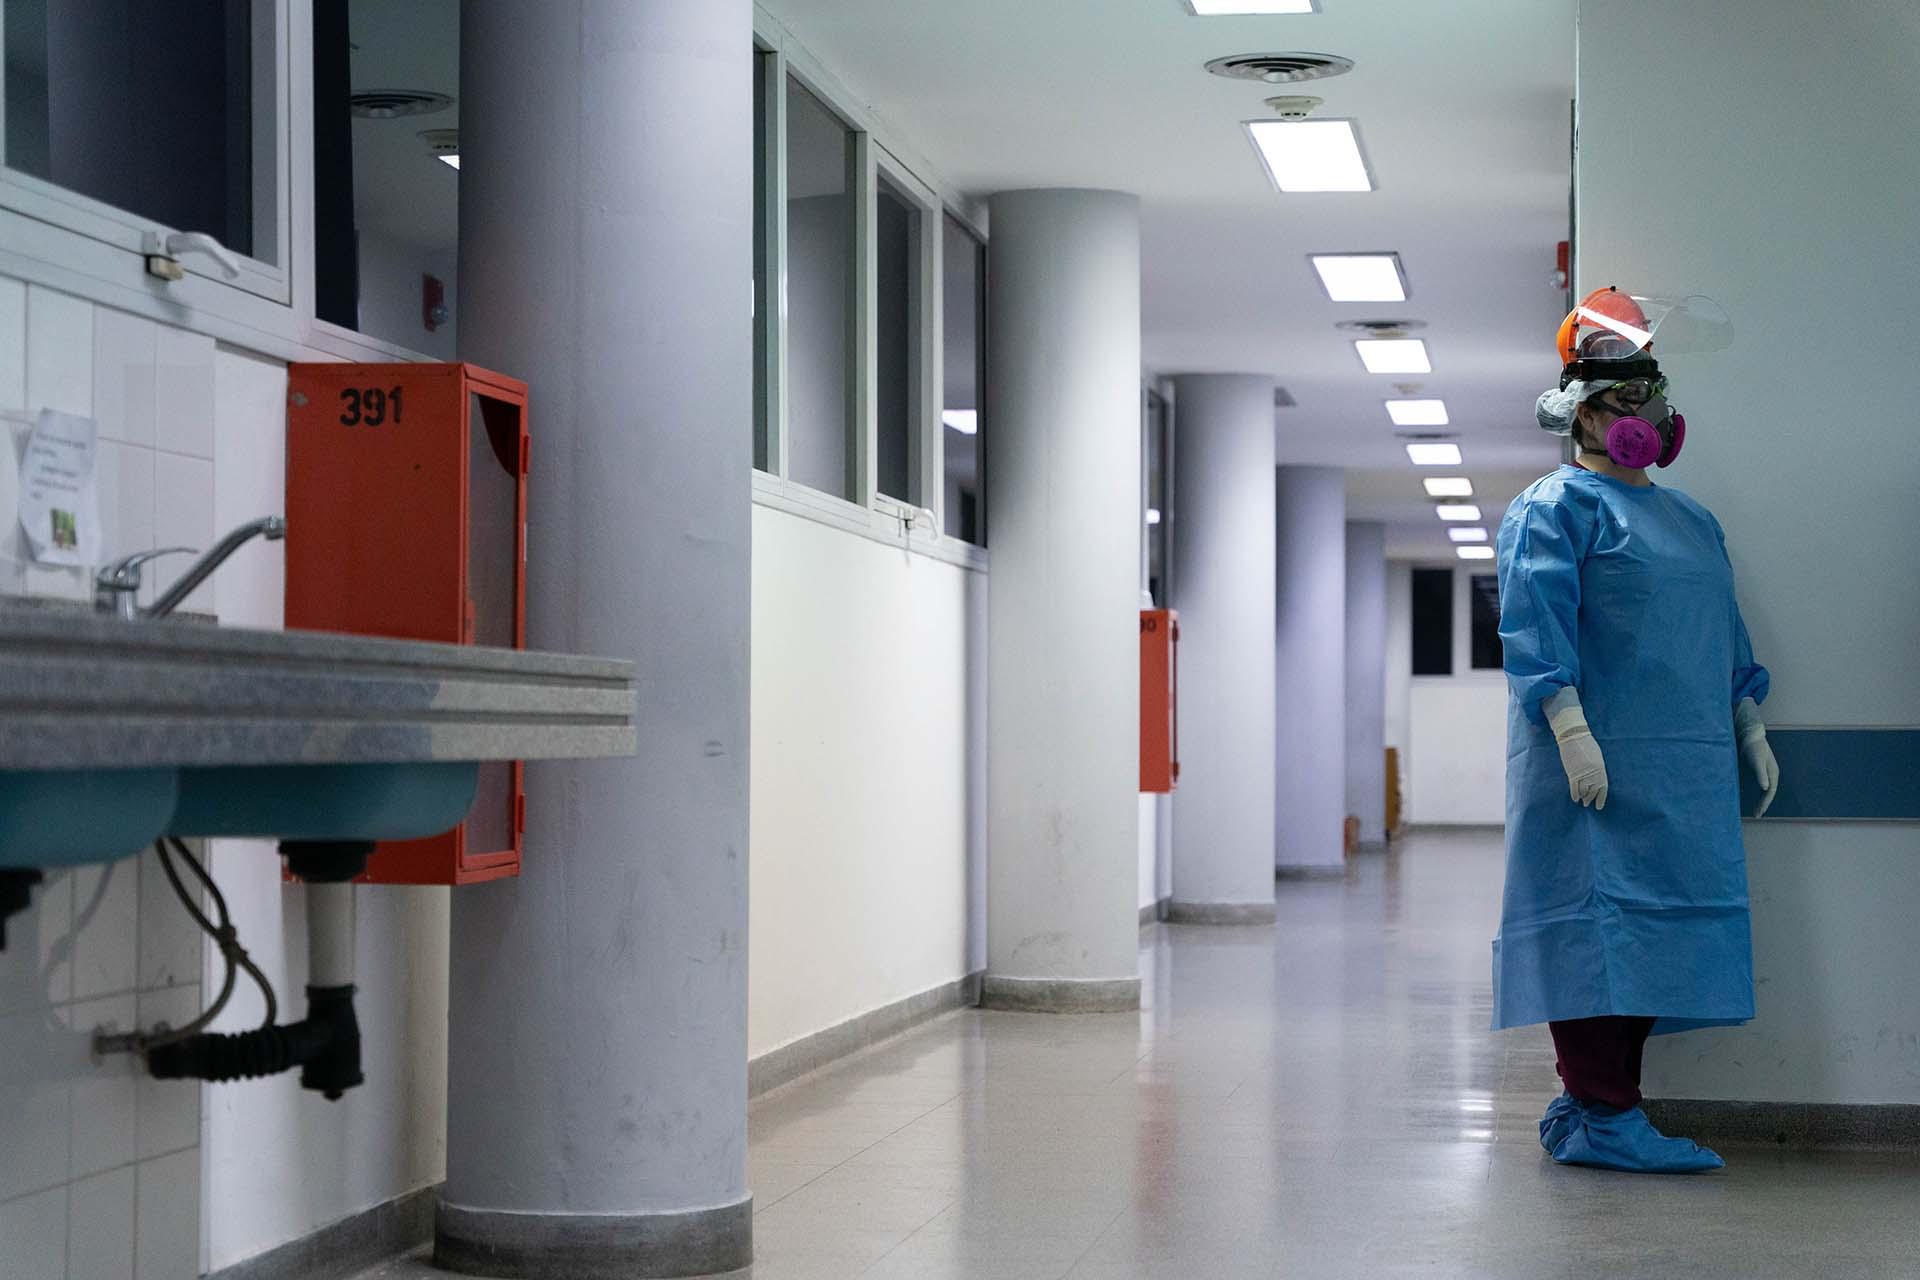 Carina Balasini es médica en el Hospital San Martin desde hace 20 años. Hace la guardia de los días viernes y también trabaja en un hospital de la Ciudad de Buenos Aires. Una historia como la de otros tantos profesionales que combaten al coronavirus